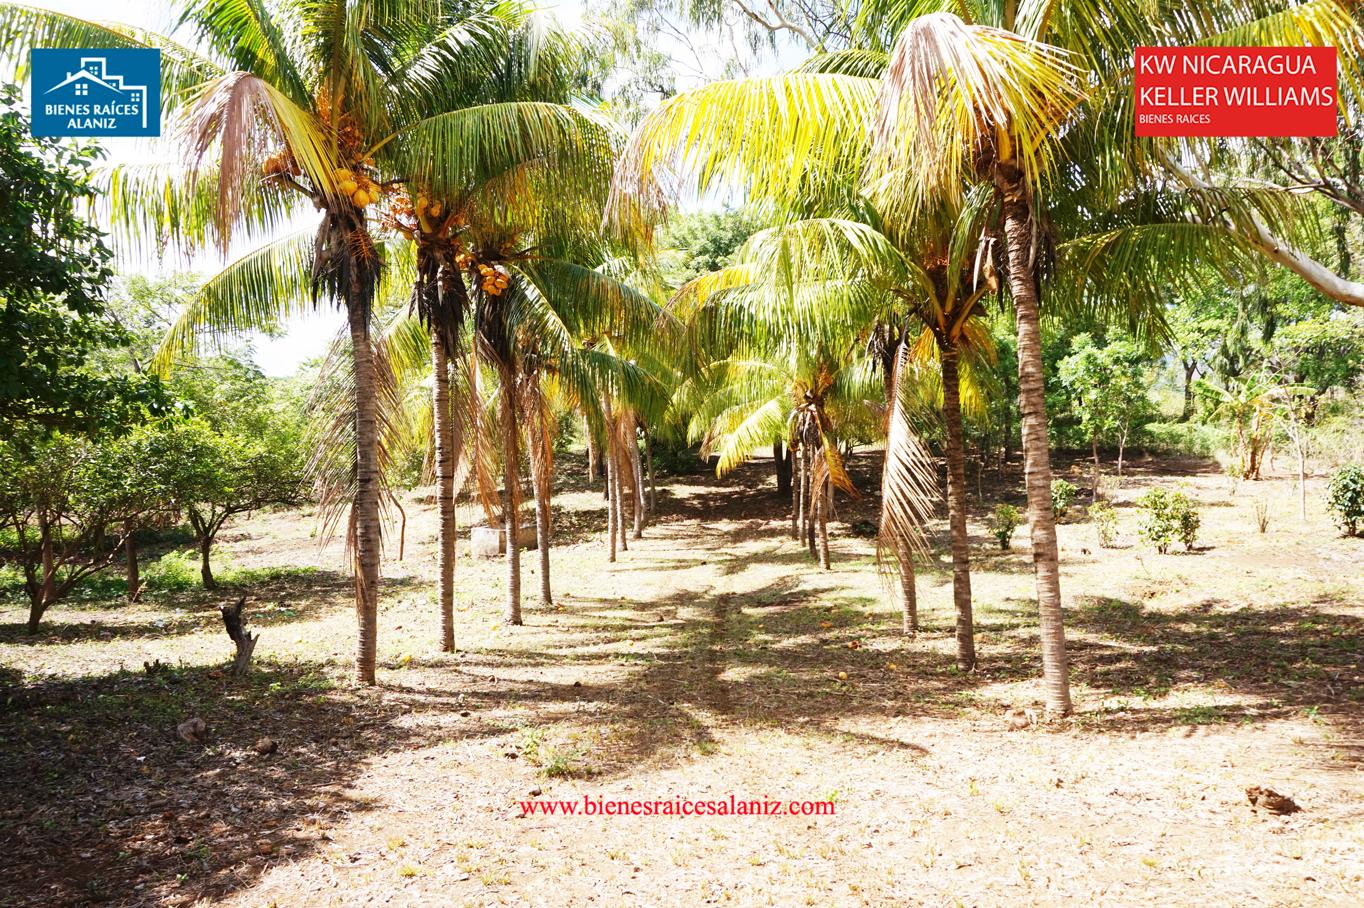 Se vende lote de terreno de 11,000 v2 en Cedro Galán, Carretera Vieja a León, en Managua